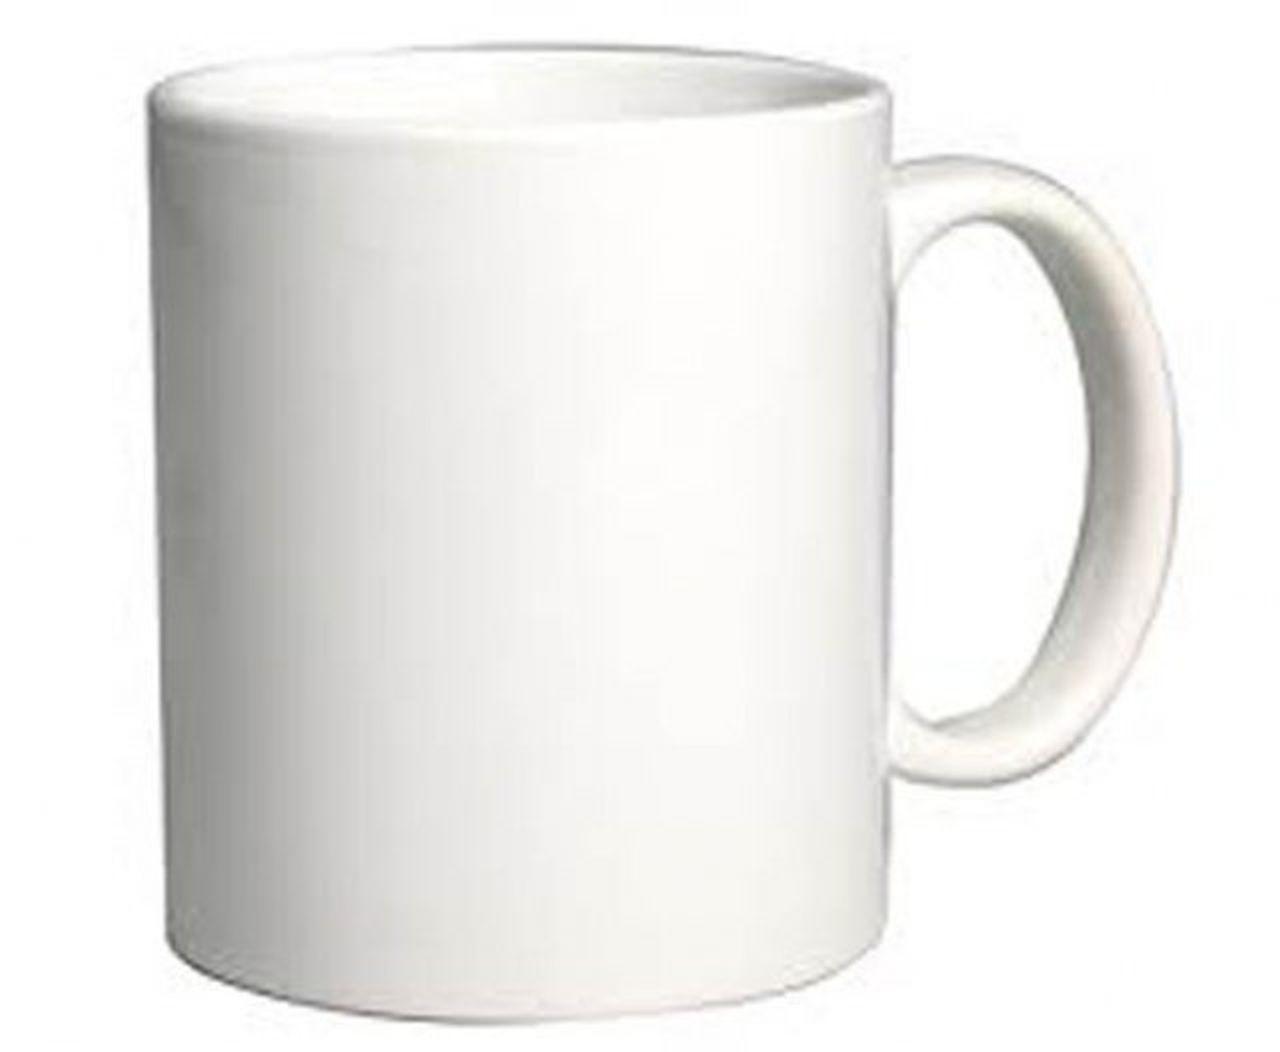 Mug verniciata per sublimazione cm.8x11,5x9,5h diam.8